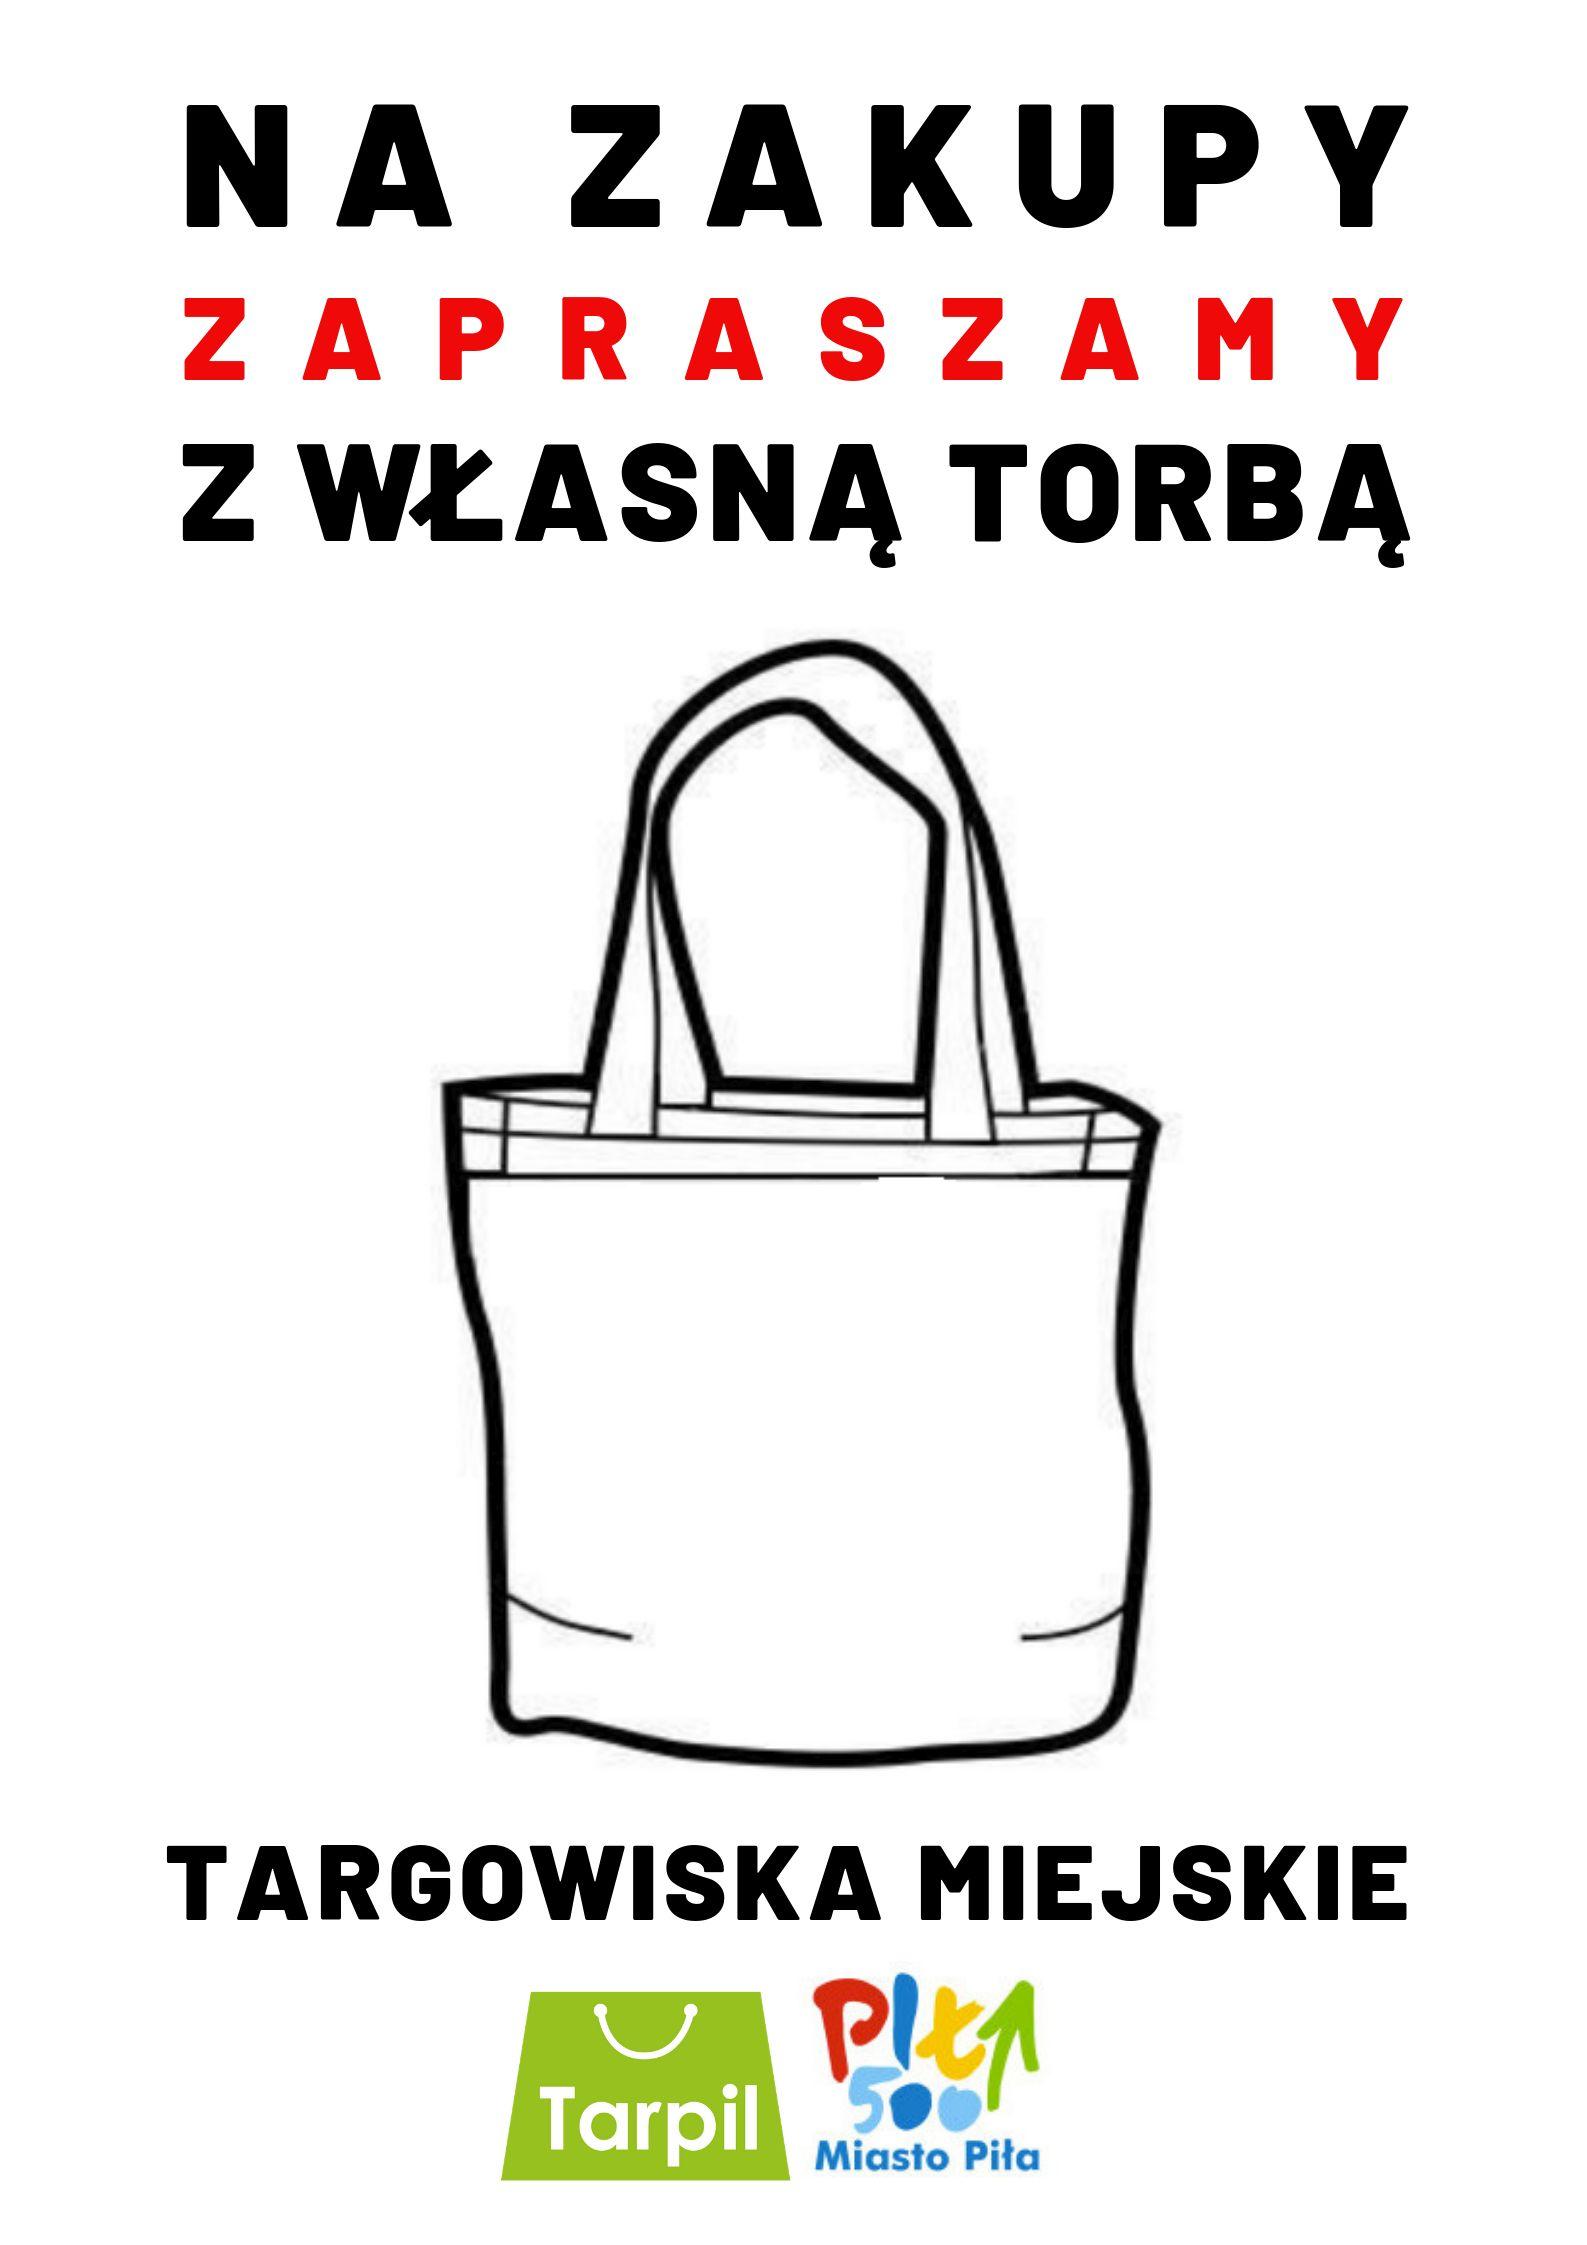 TARGOWIKSA MIEJSKIE (2)